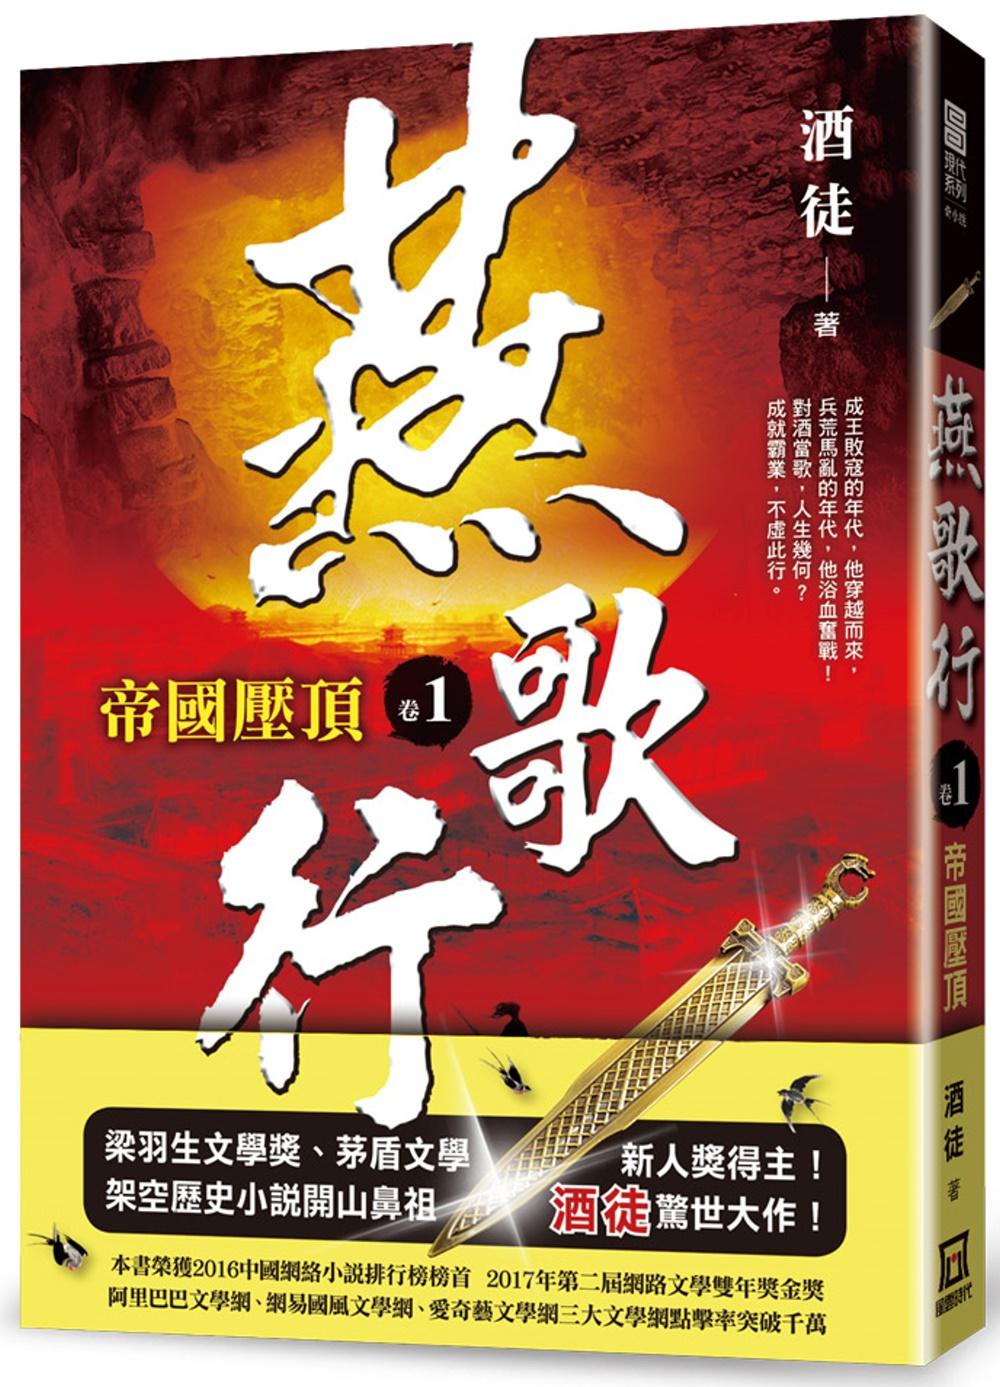 燕歌行(卷1)帝國壓頂